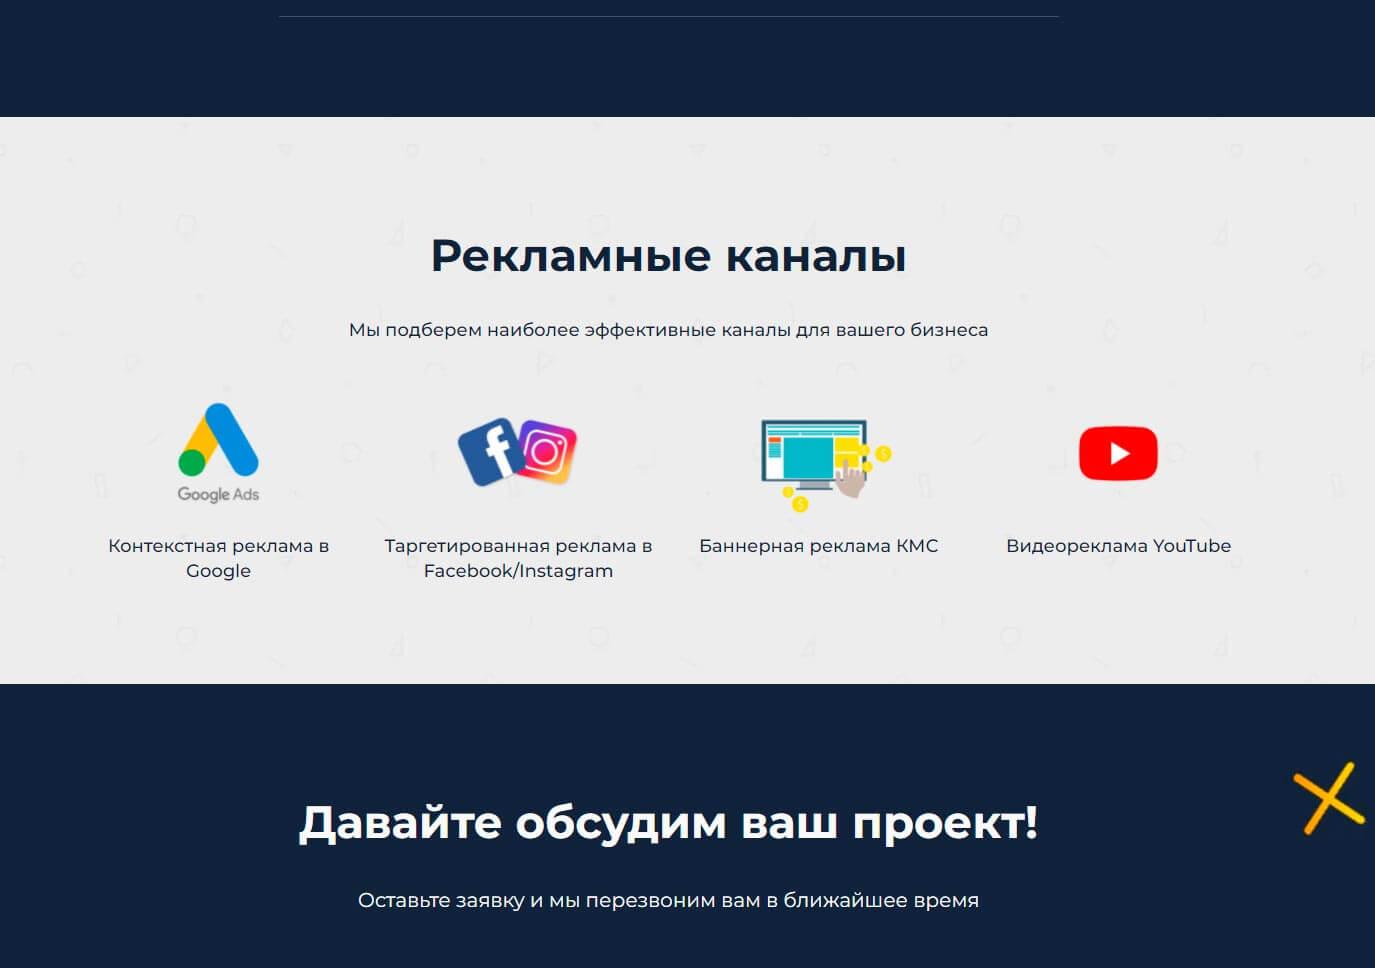 SmartClick - обзор компании, услуги, отзывы, клиенты, Фото № 2 - google-seo.pro